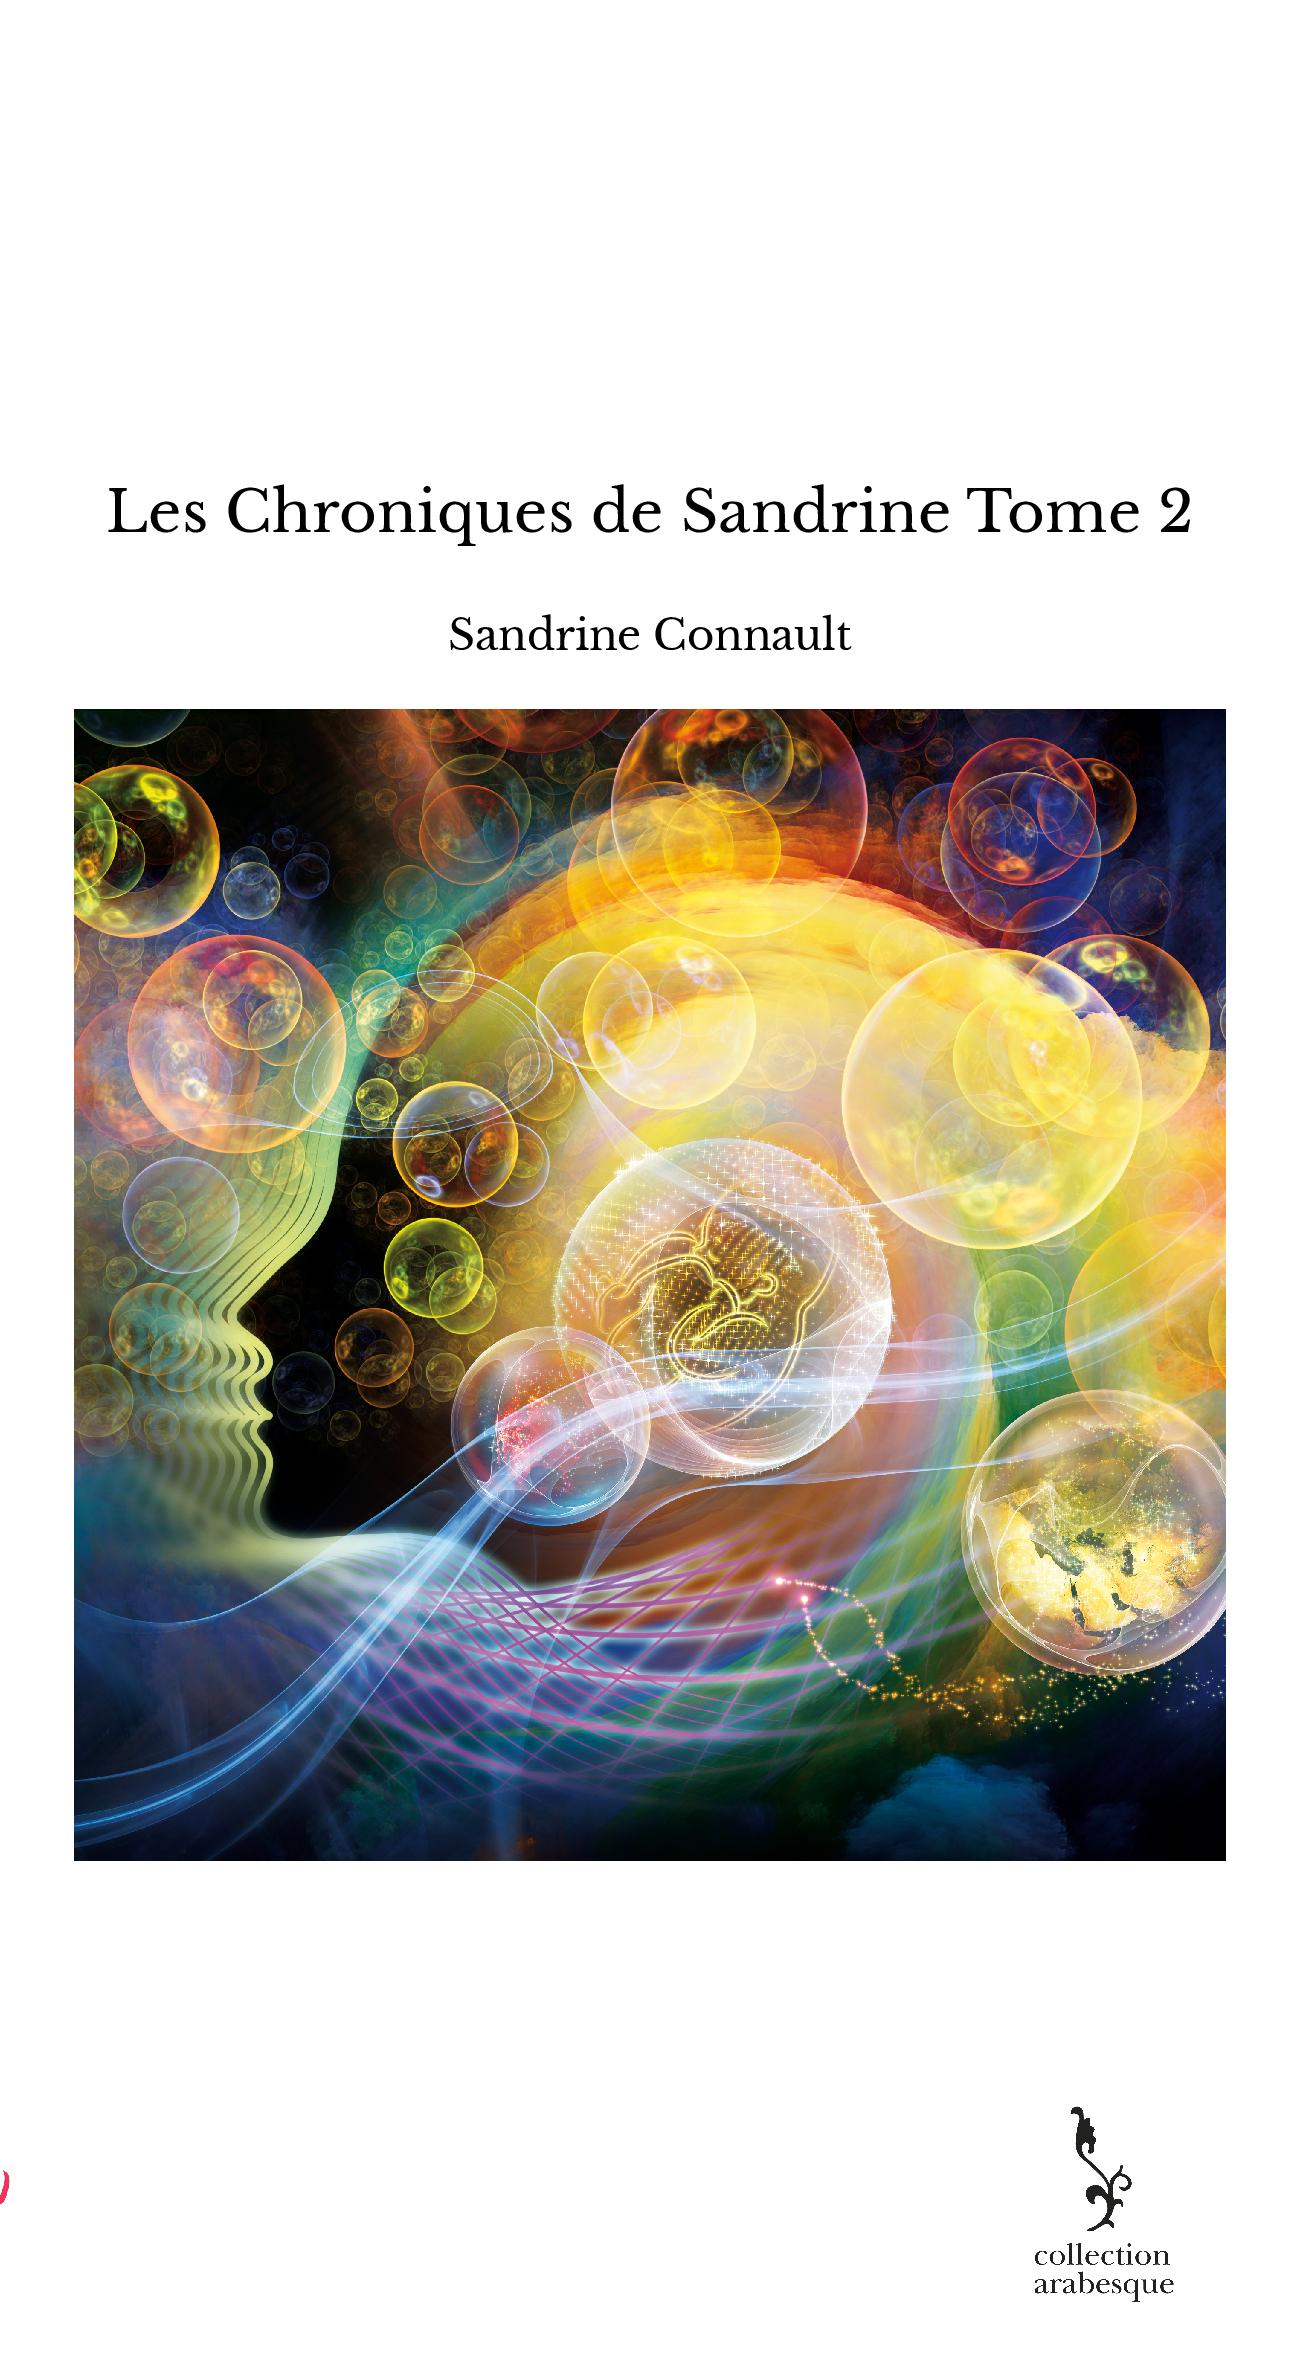 Les Chroniques de Sandrine Tome 2